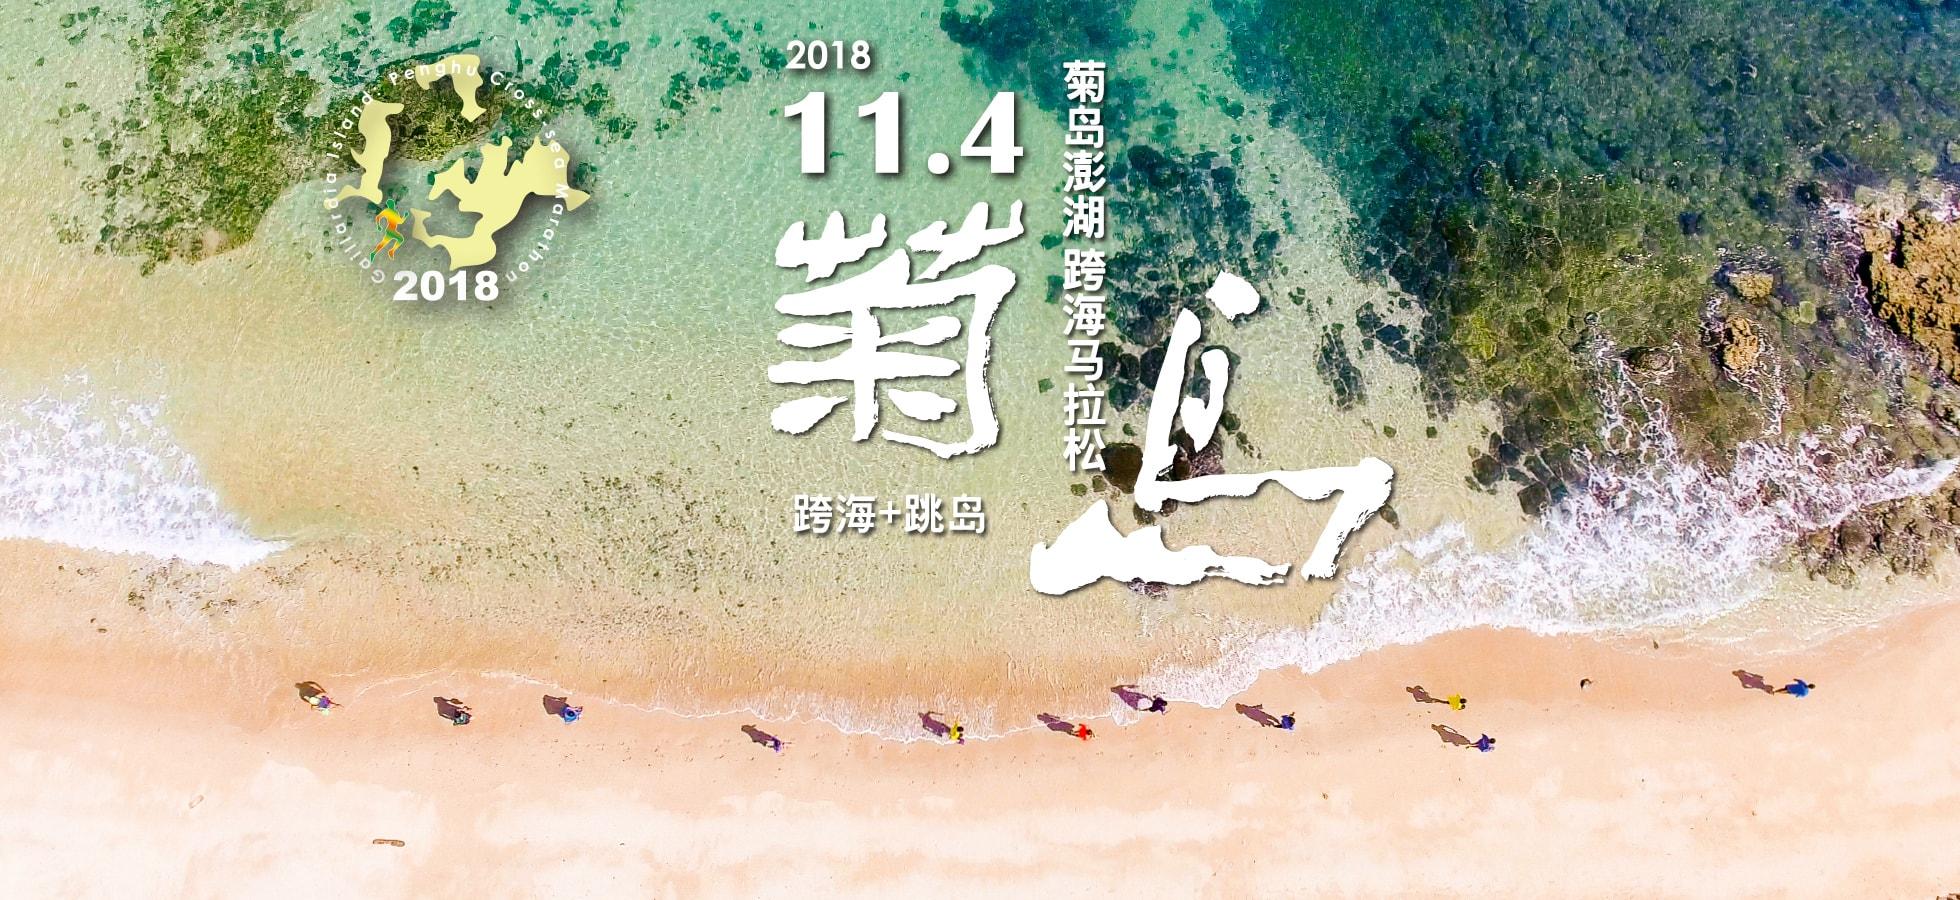 2018菊岛澎湖跨海马拉松